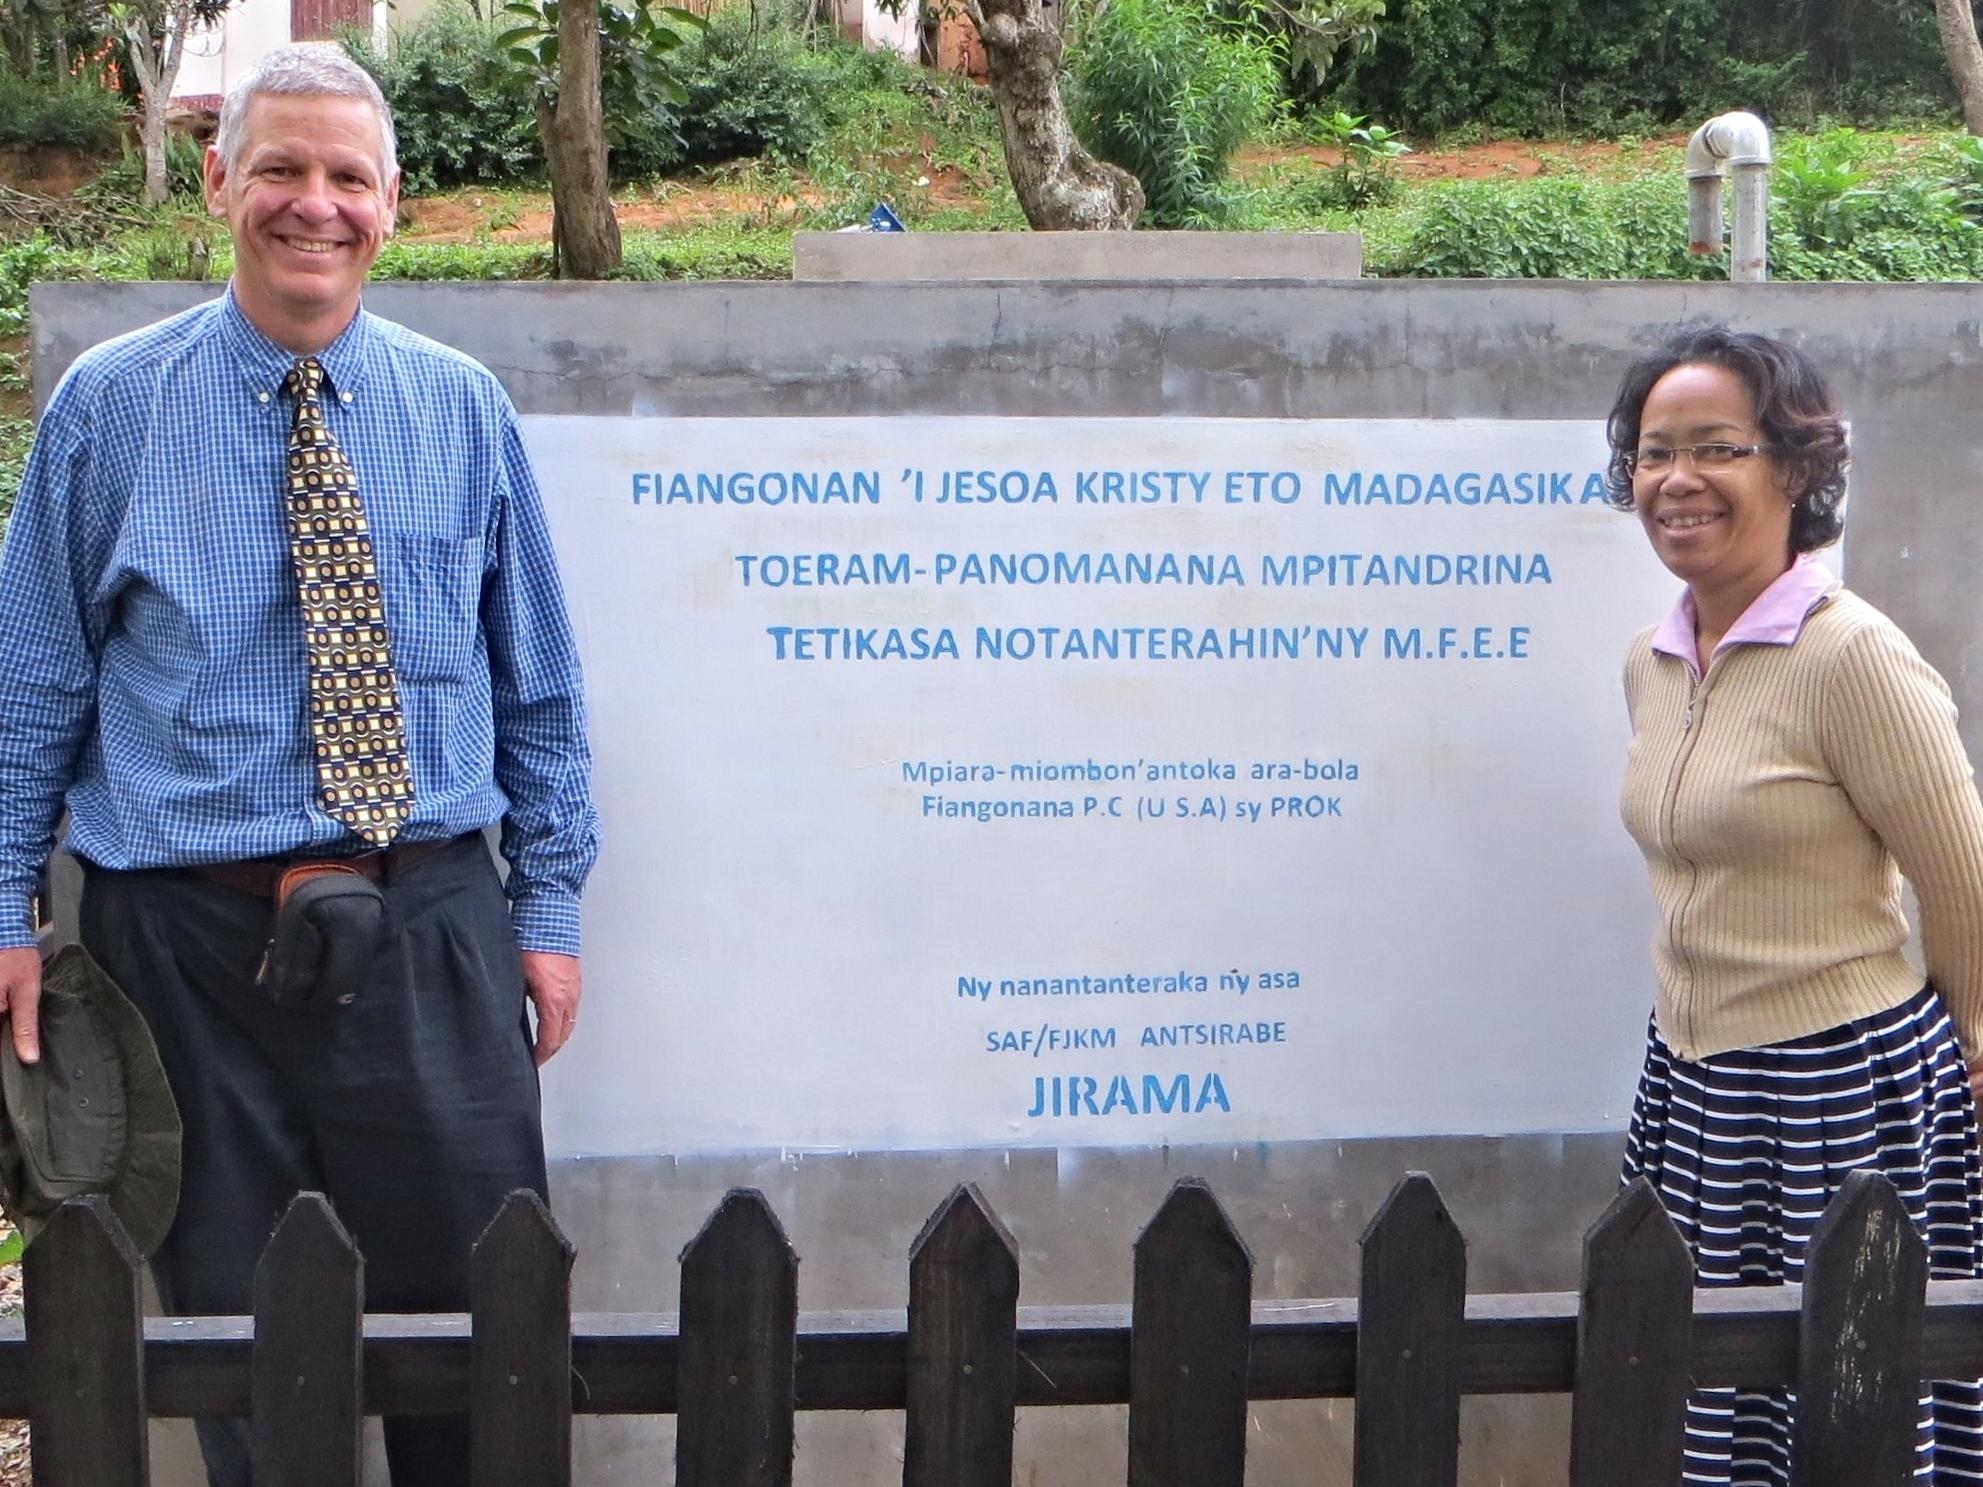 Dan and Pastor Haingo